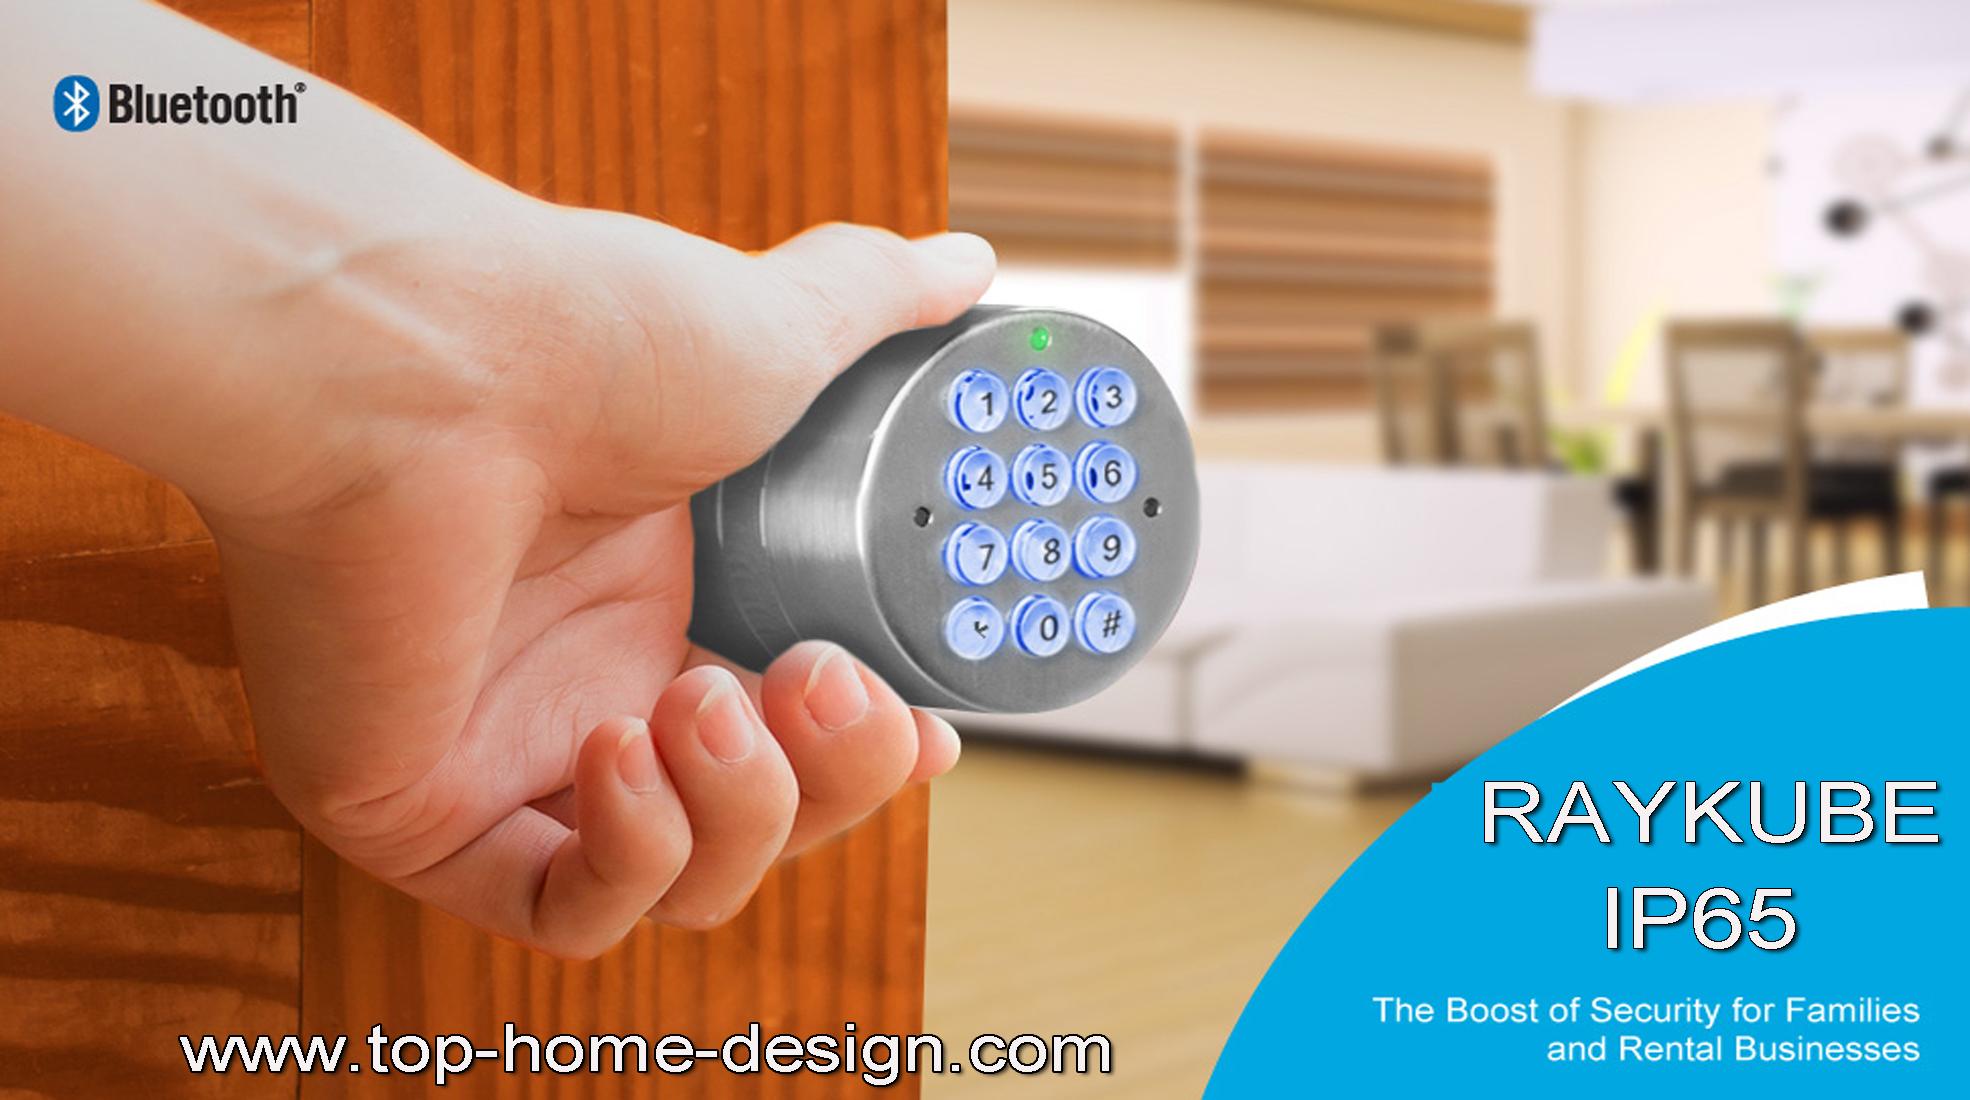 RAYKUBE Electronic Door